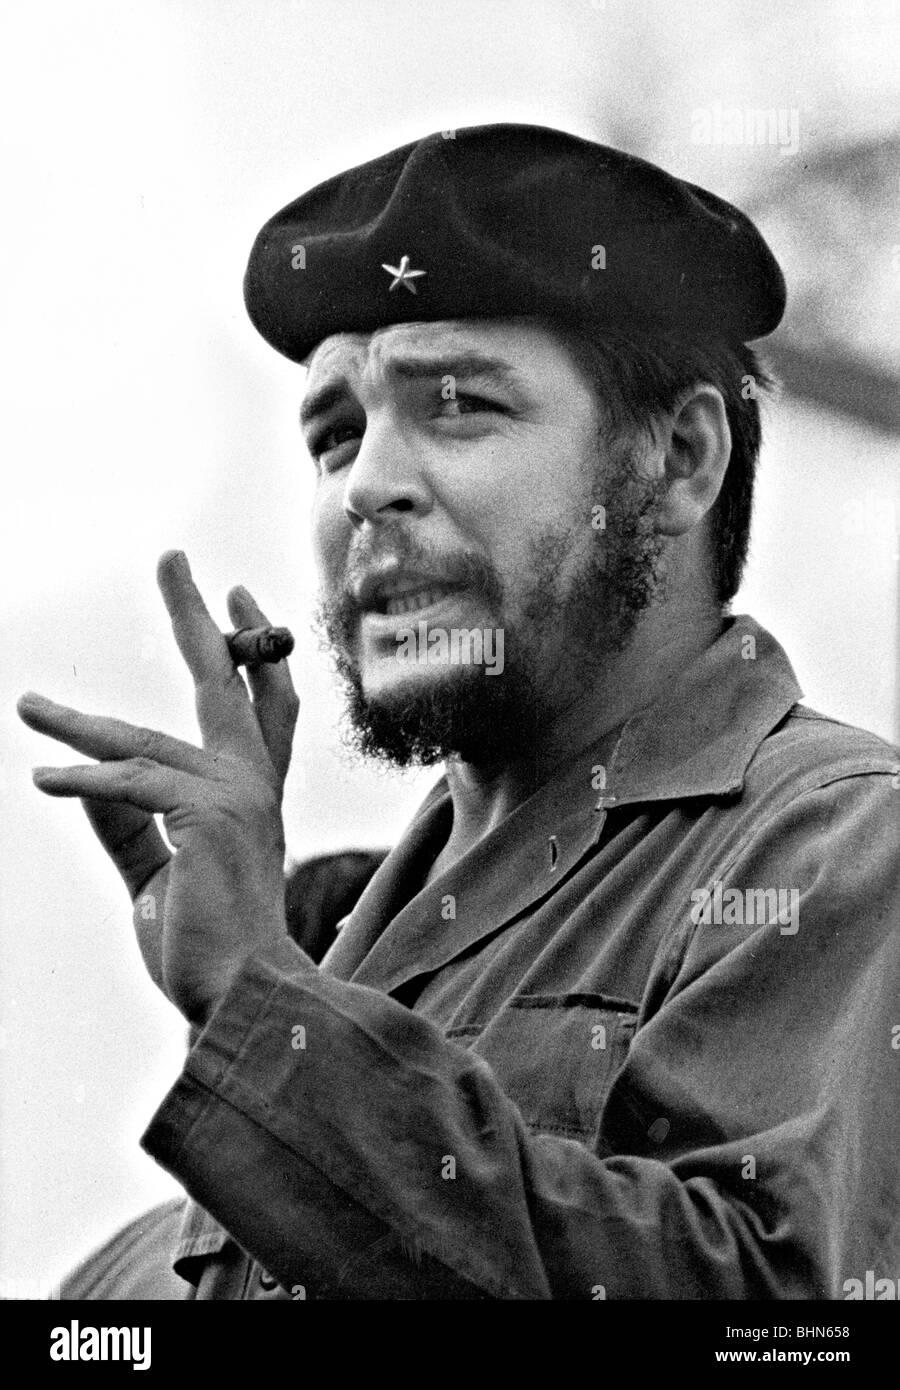 Che Guevara Hands Cut Off